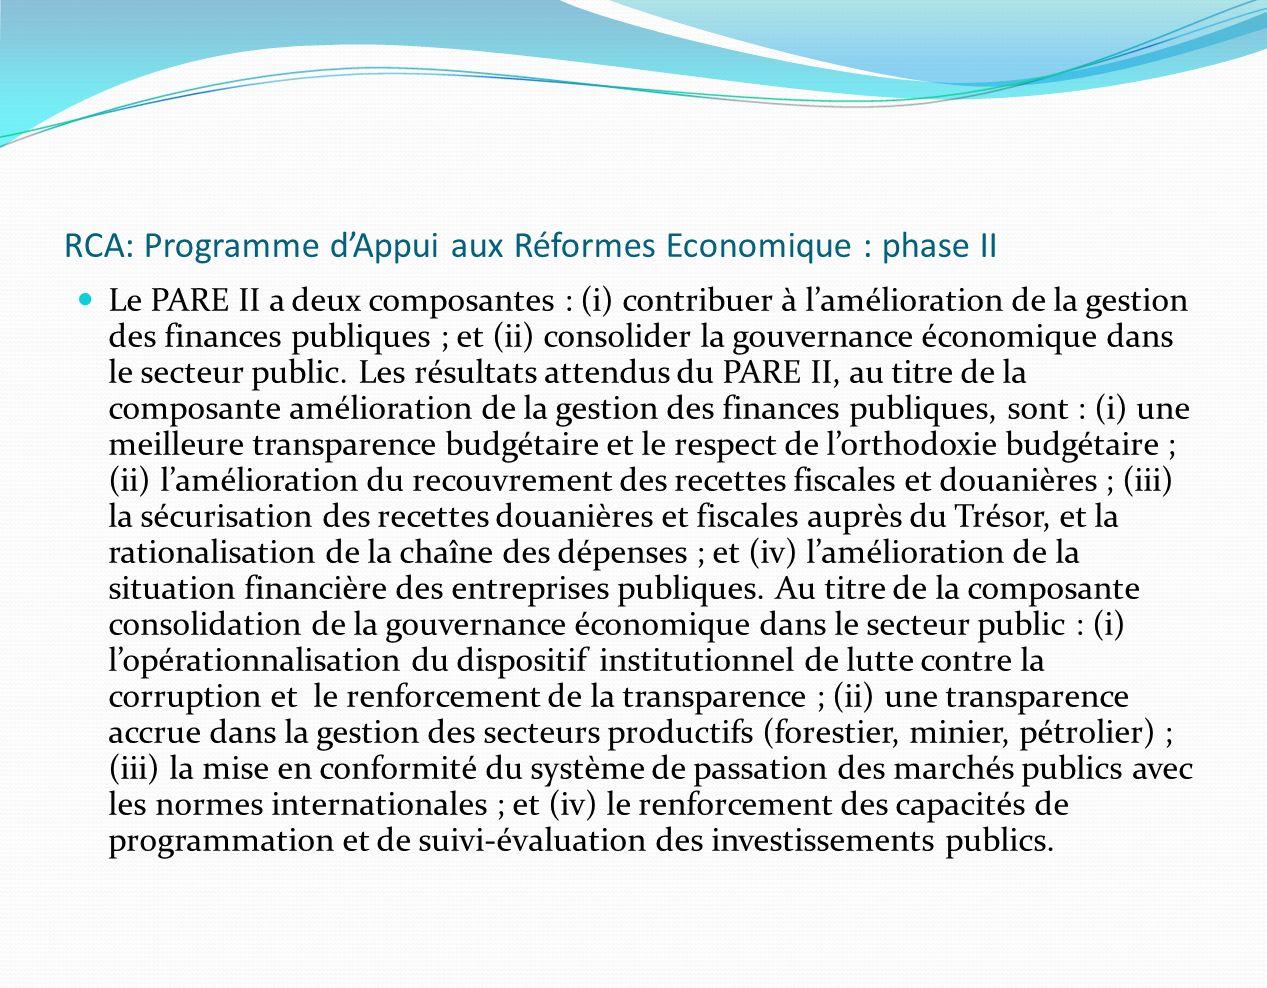 RCA: Programme d'Appui aux Réformes Economique : phase II